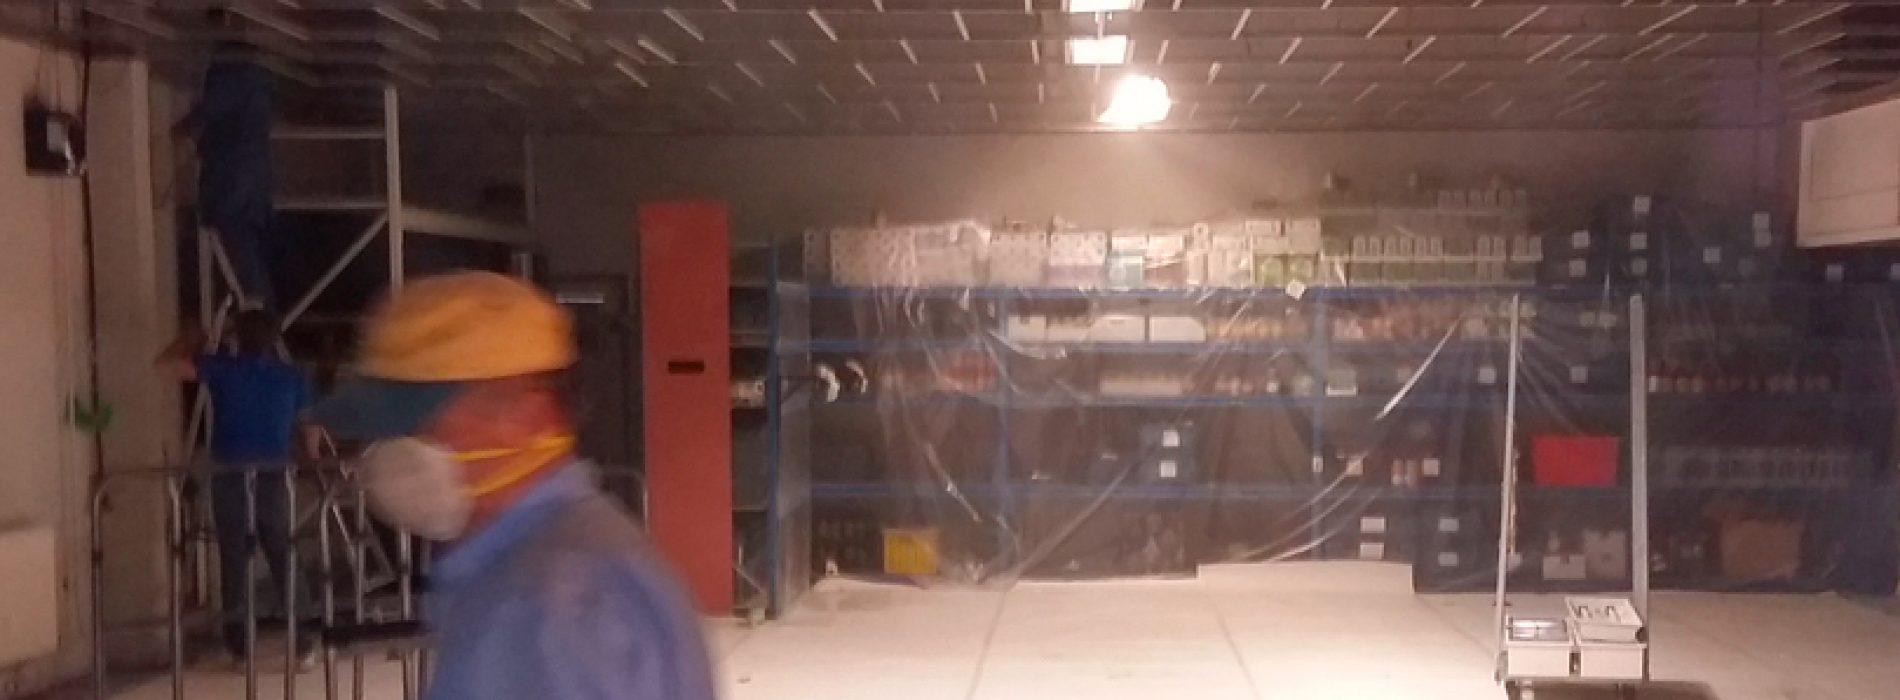 Vernieuwing plafond voedselbank Best